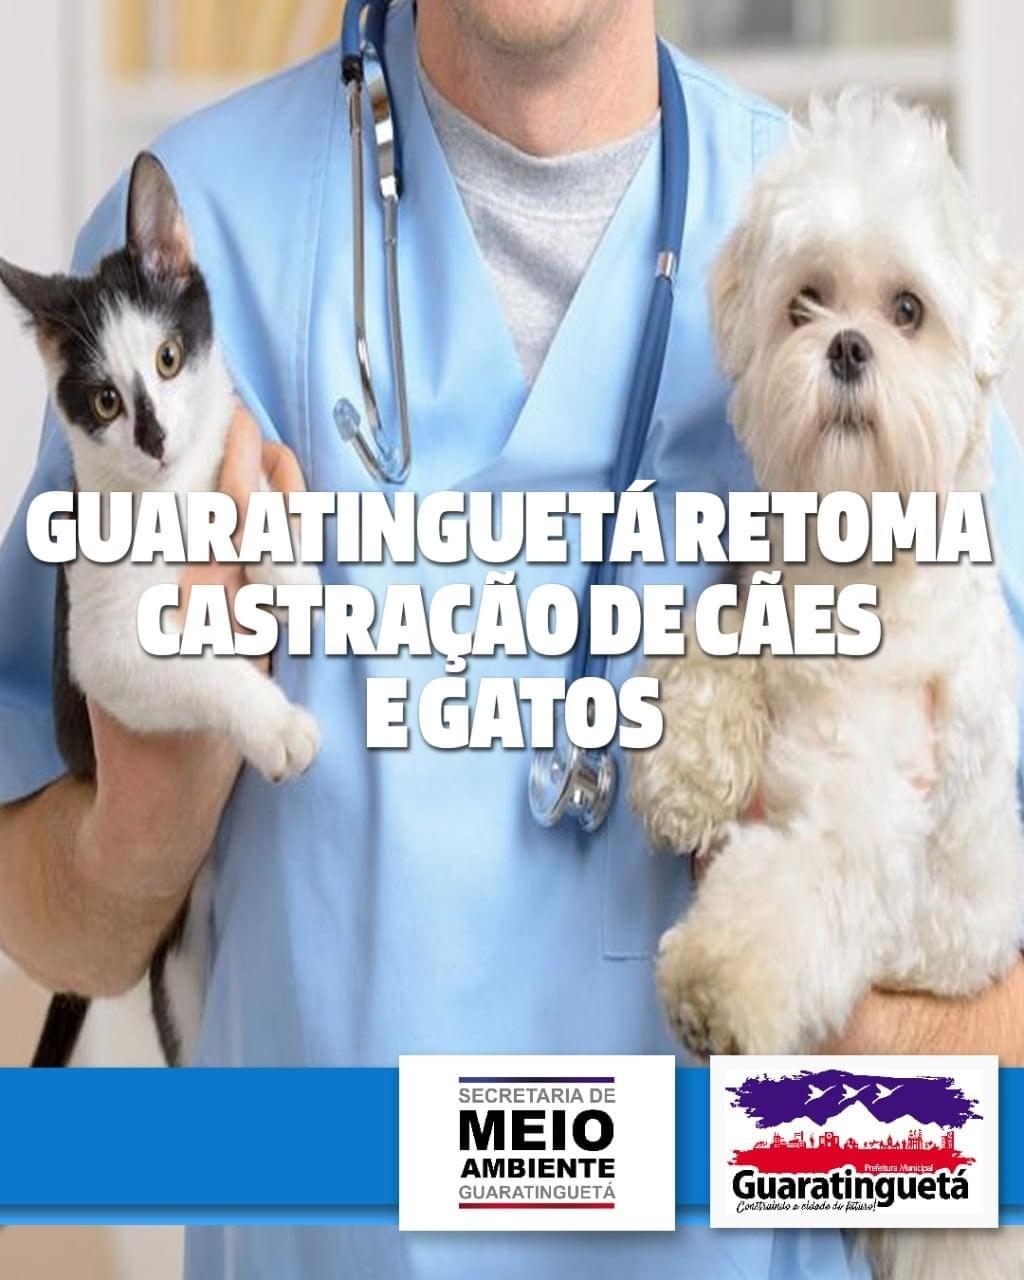 Guará retoma a castração de gatos e cães